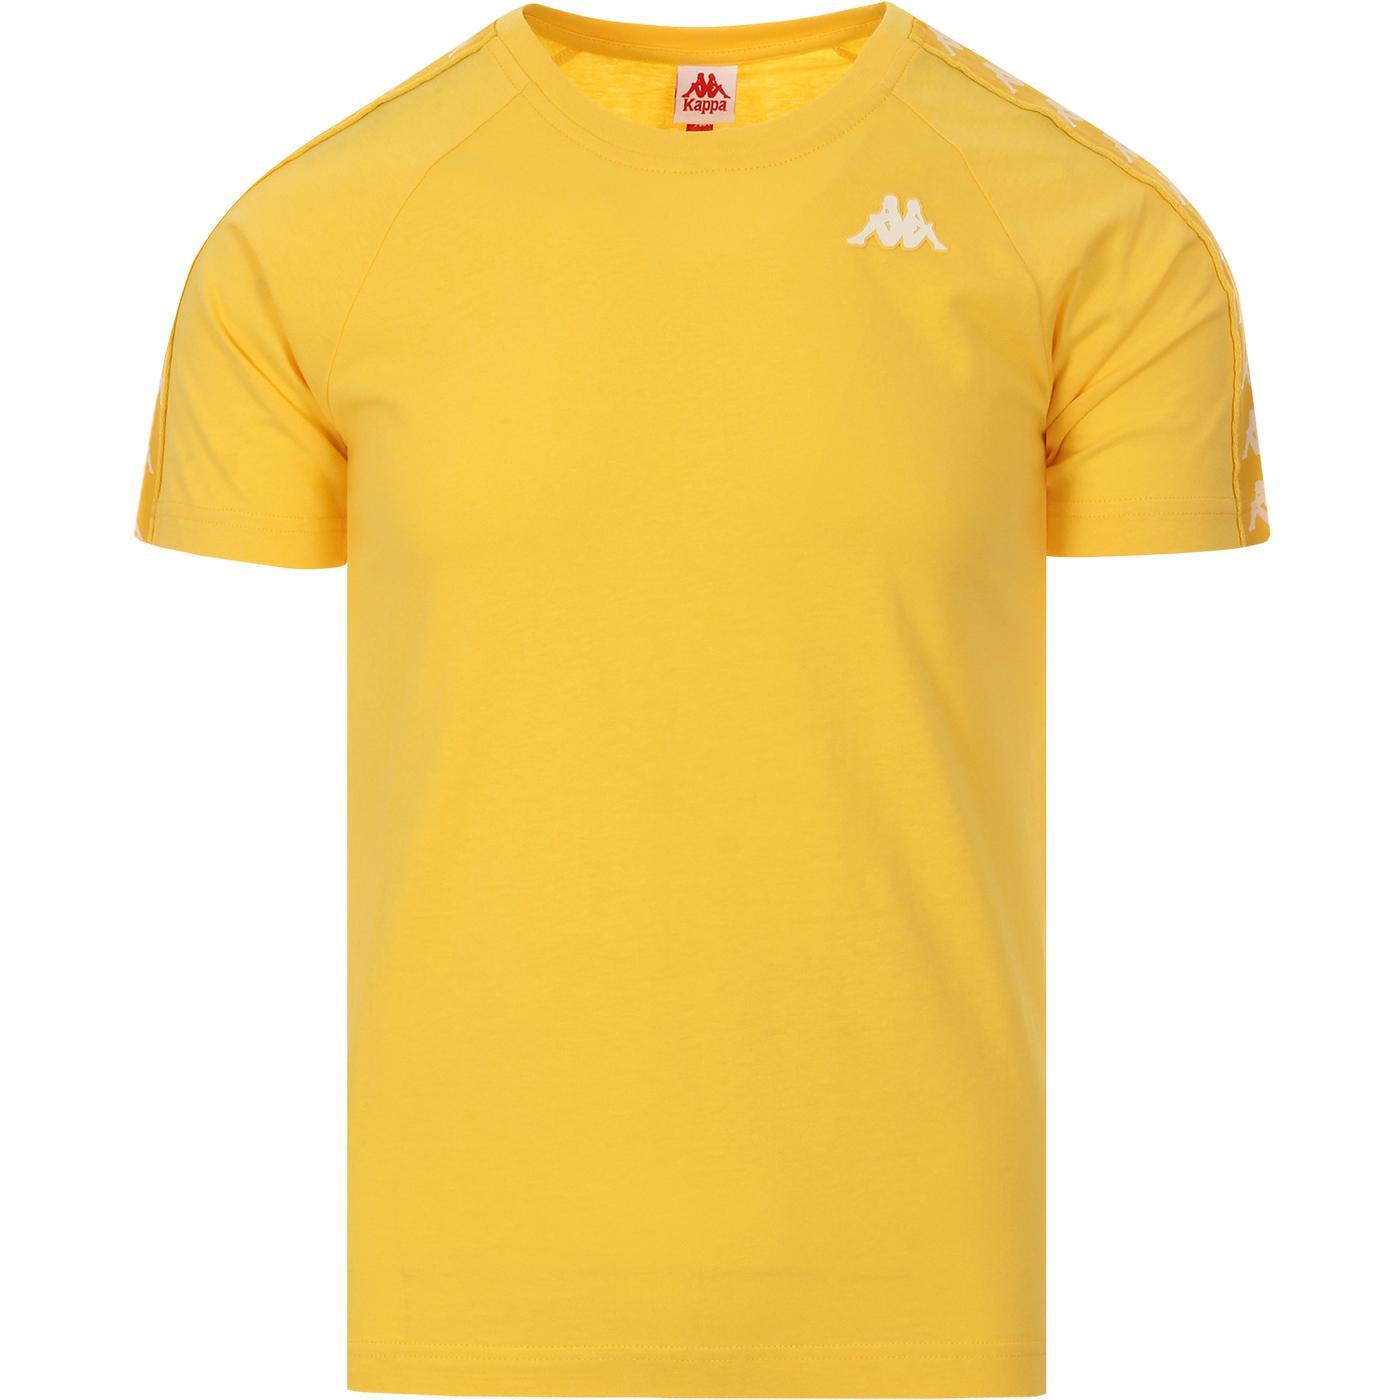 Coen KAPPA Retro 80s Taped Sleeve T-Shirt (Y/W)